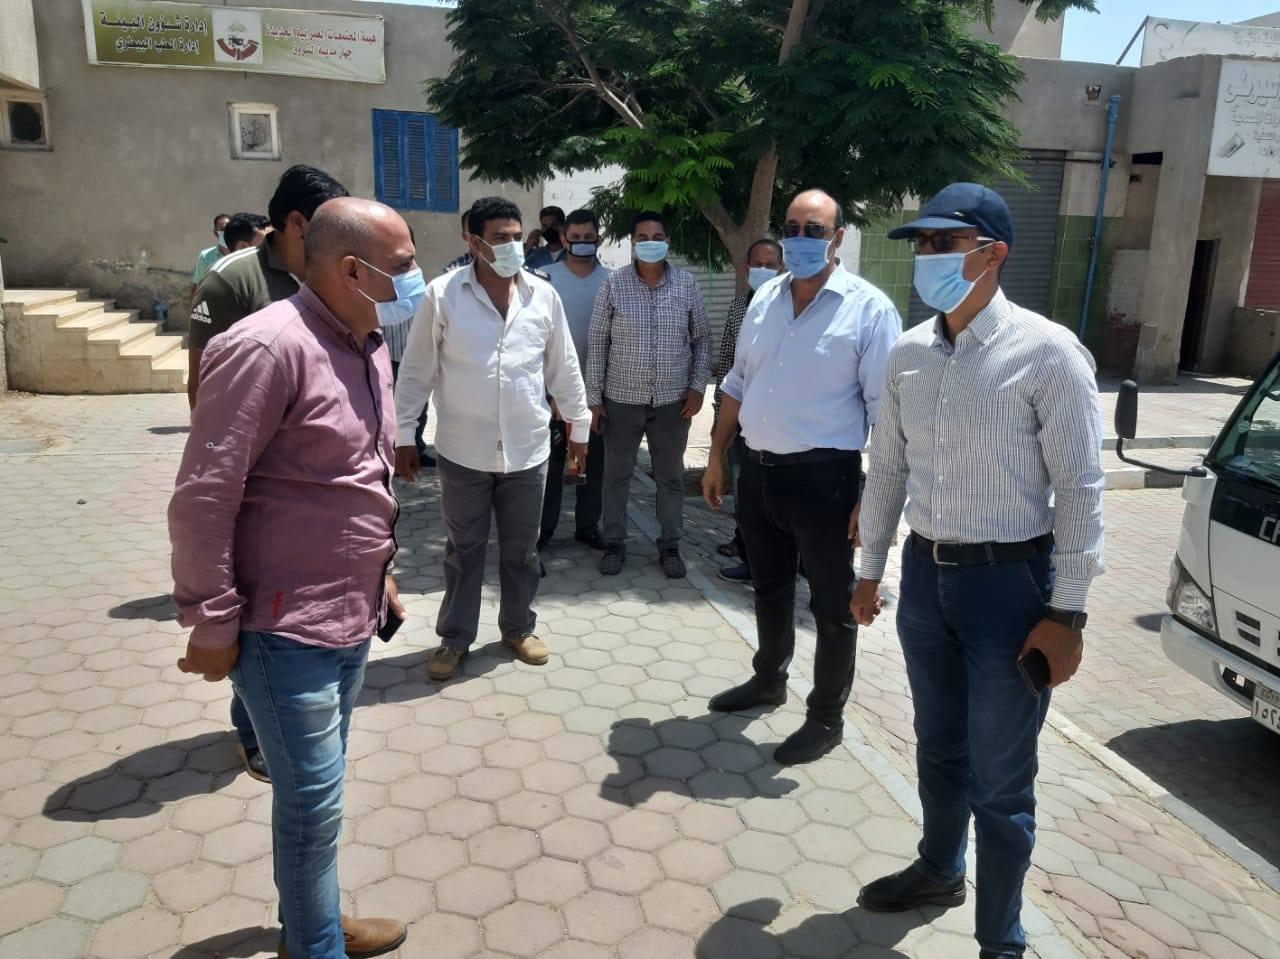 رئيس الجهاز  استرداد 8 وحدات سكنية متعدى عليها بمدينة الشروق